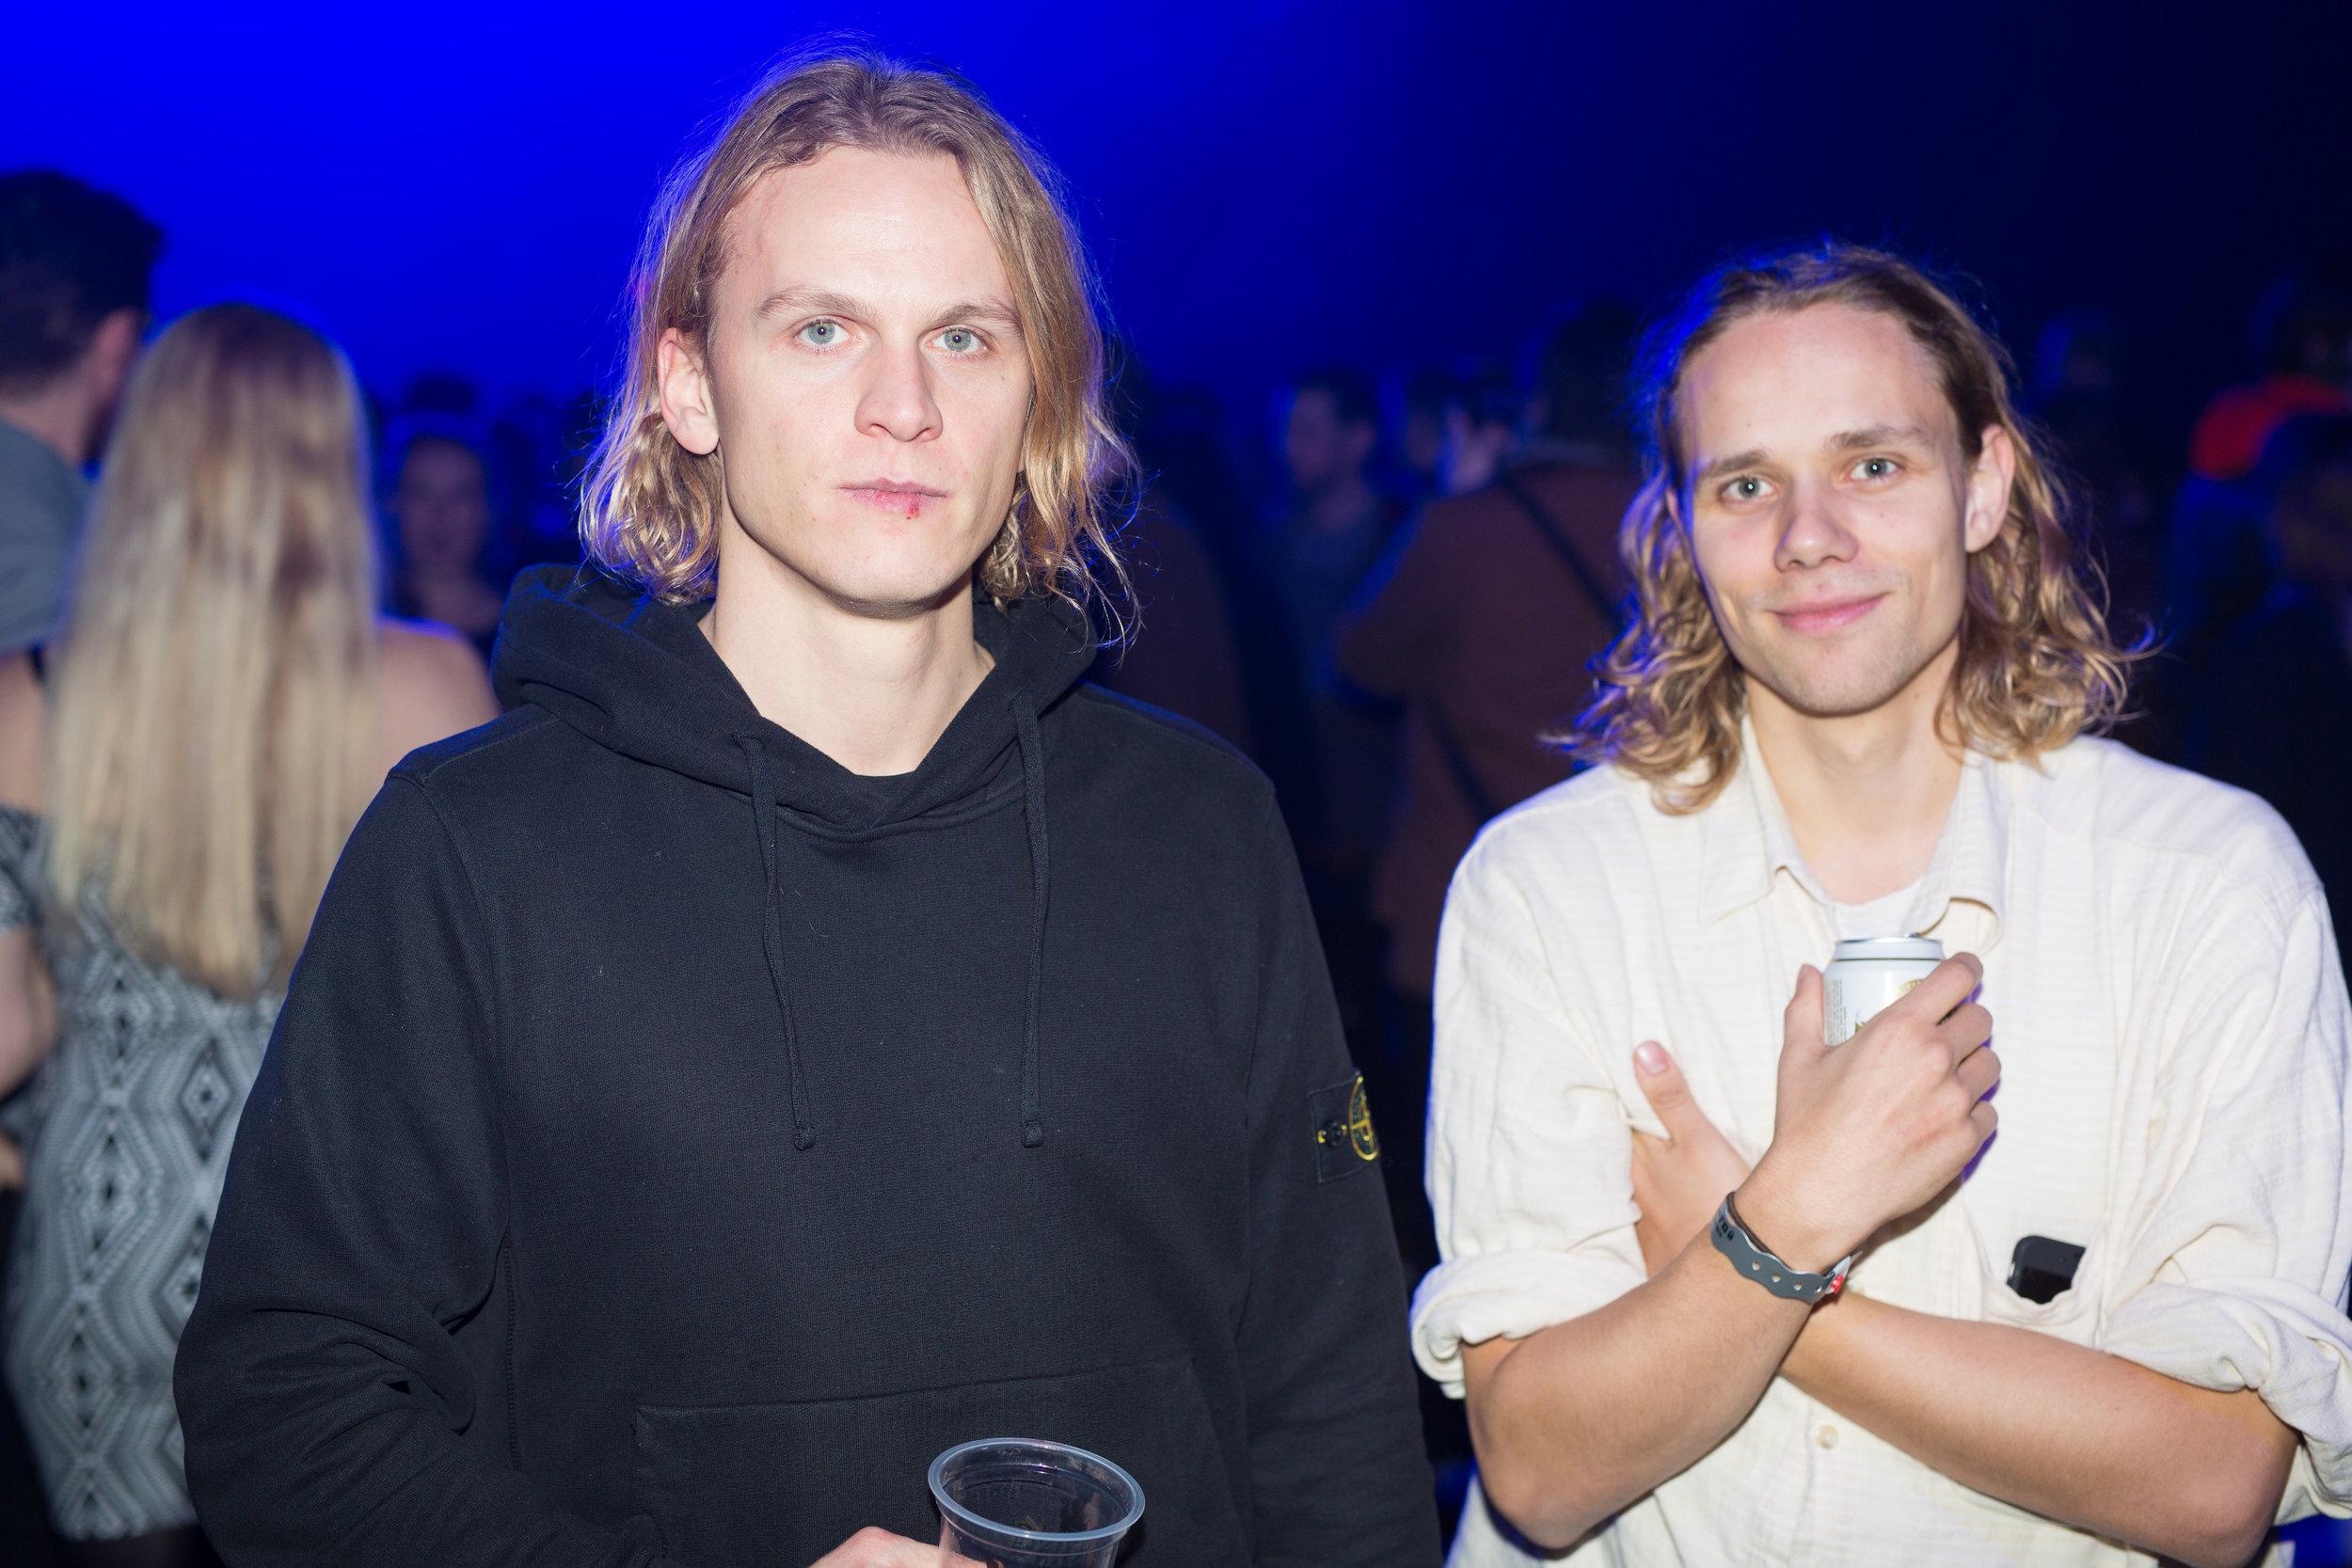 Mynd/Håkon Broder Lund